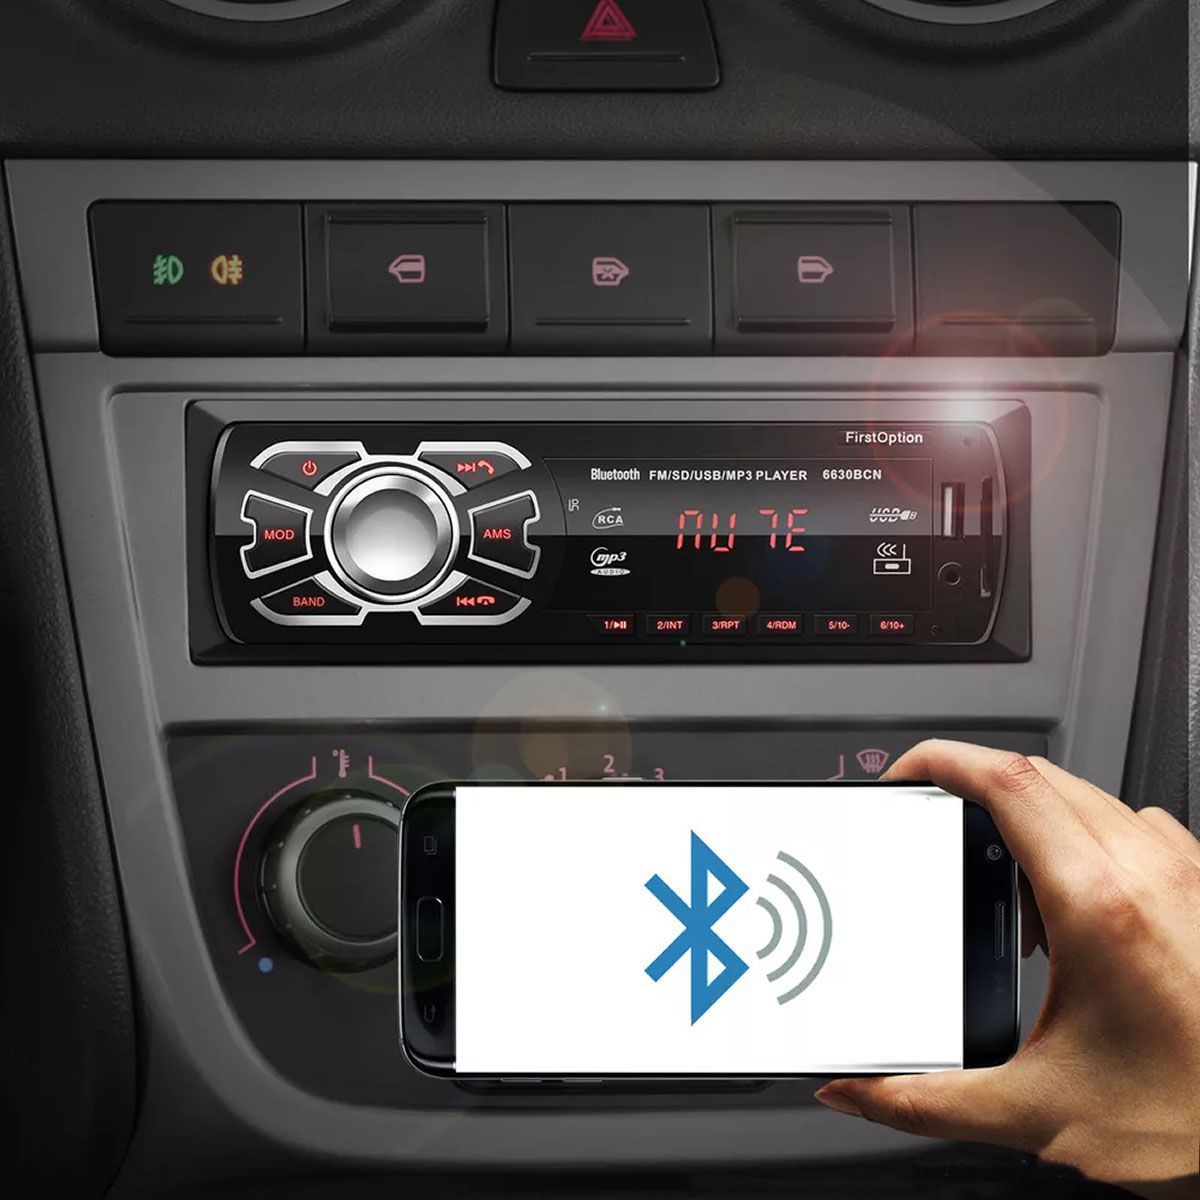 kit som automotivo com Bluetooth atendimento celular usb sd mp3 player toca fm p2 first option 6660BSC Universal Completo para Carro preto Rca Viva Voz 4x25W Apare 1 din